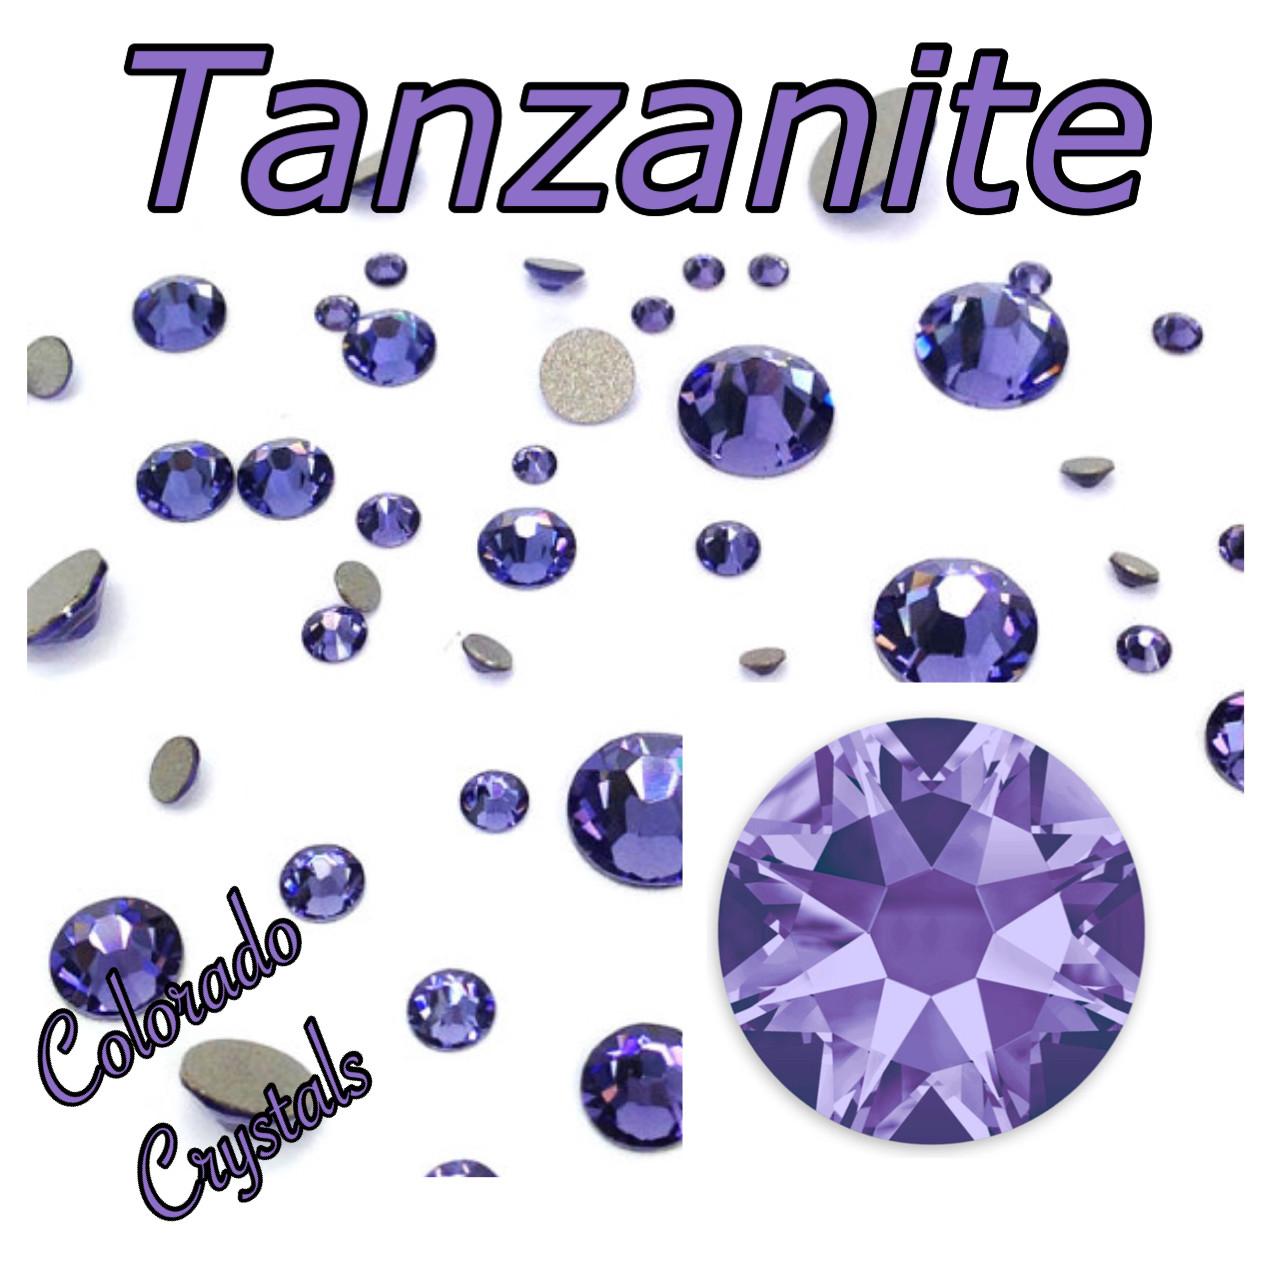 Tanzanite 5ss 2058 Whole Sale Swarovski Nail size Bling